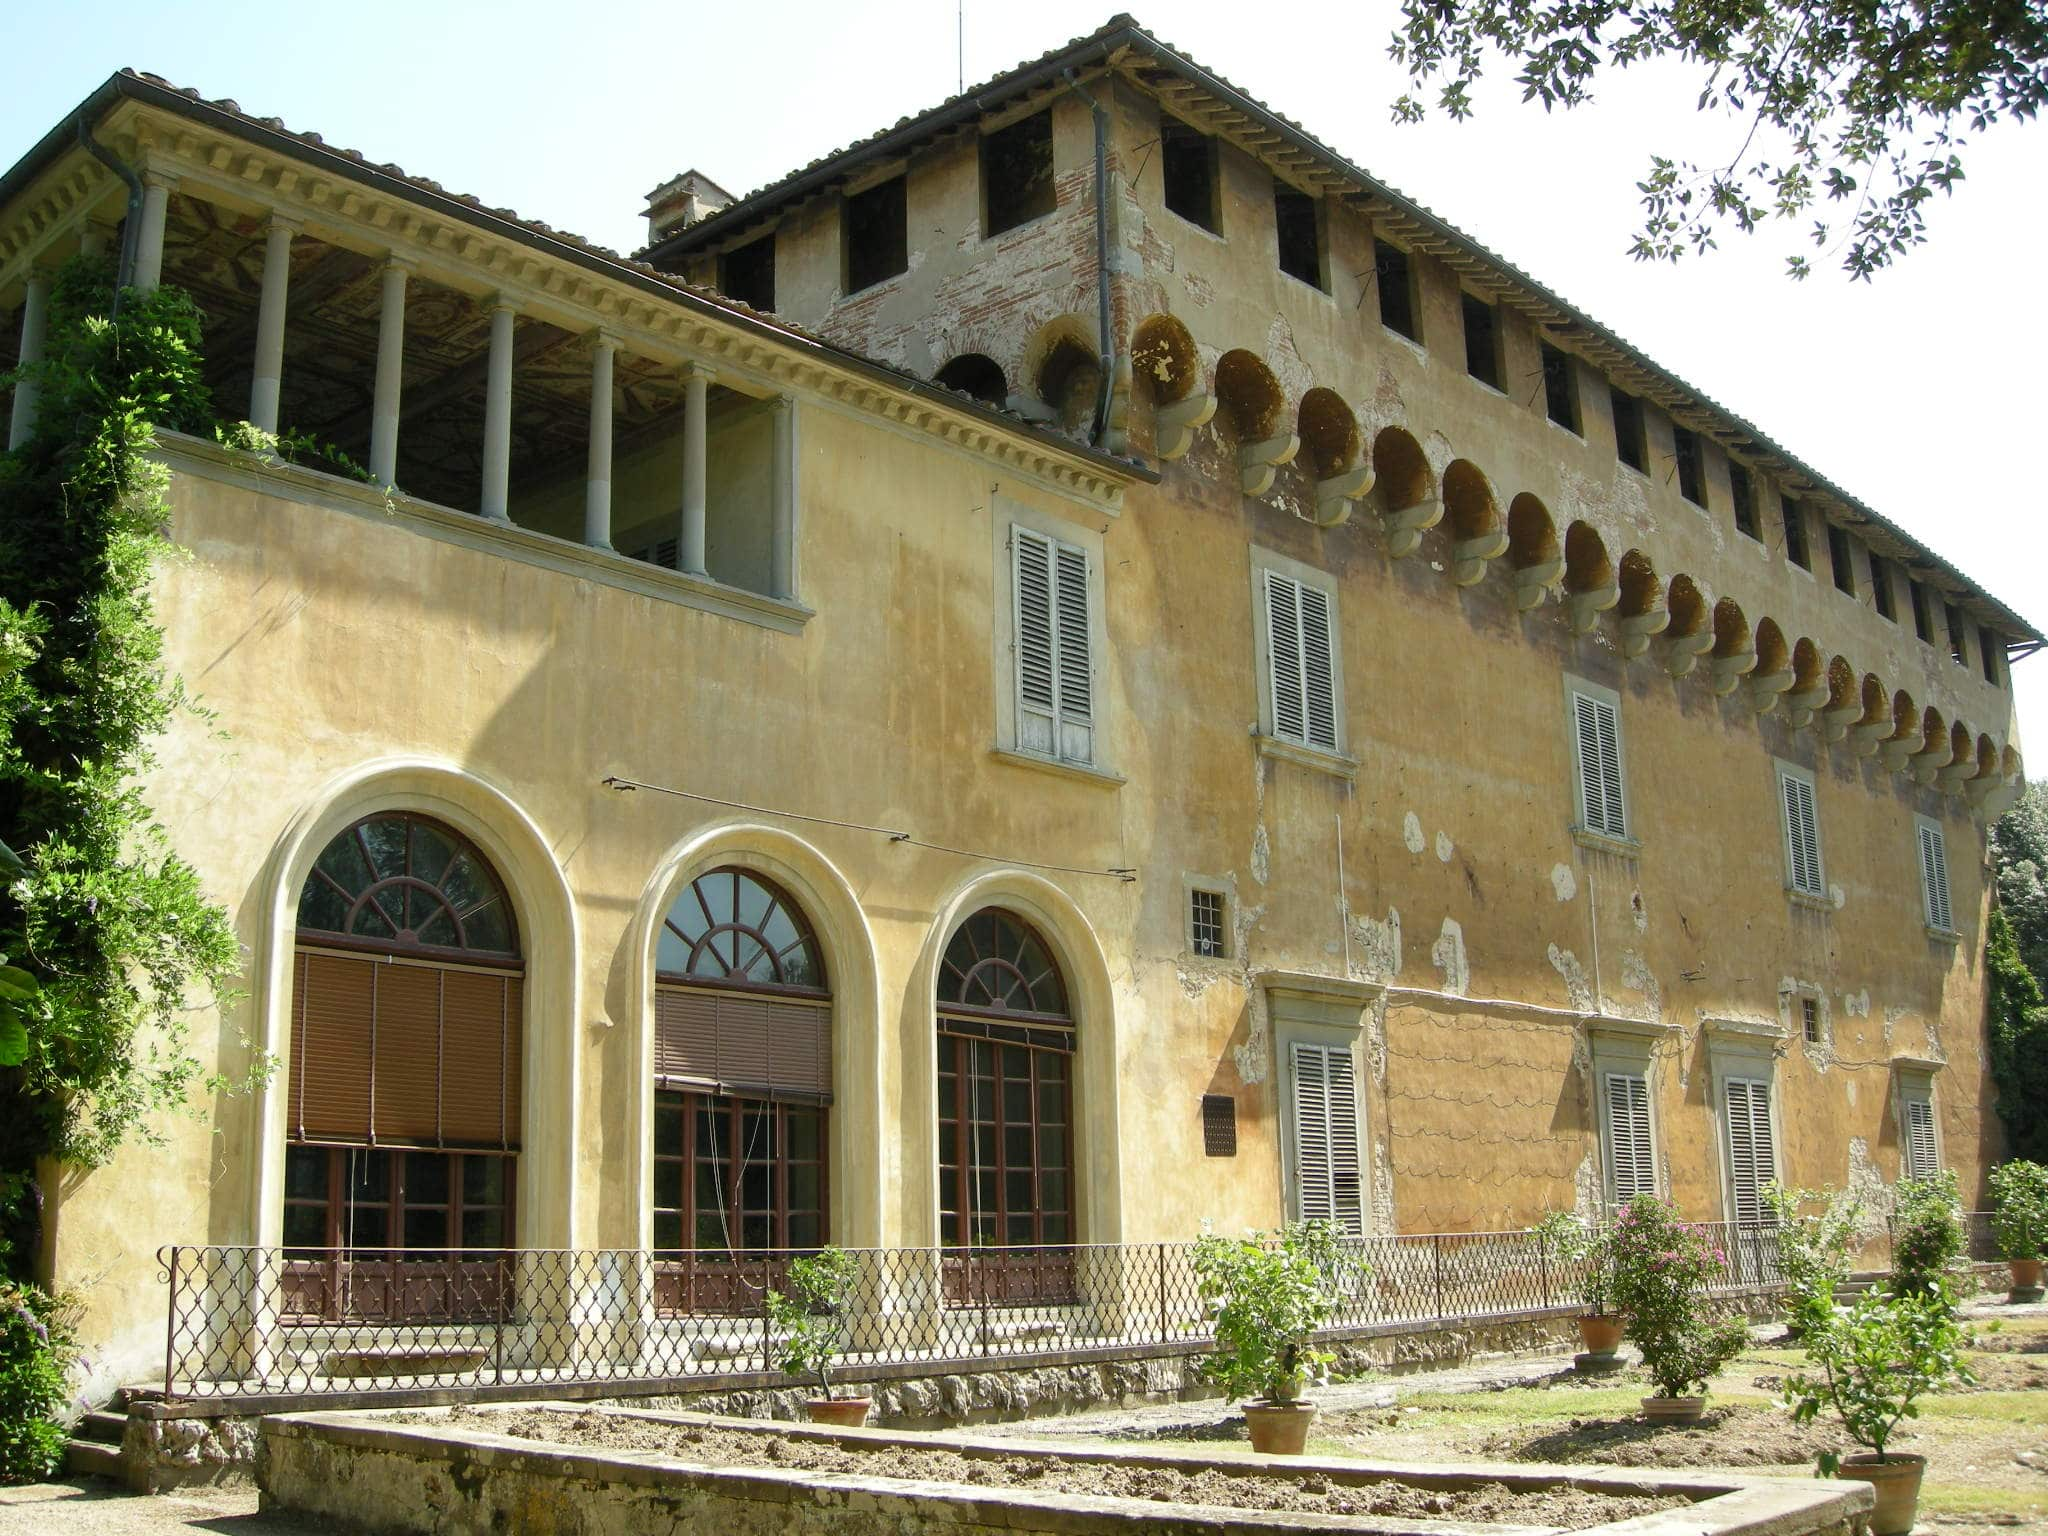 Medici Villa Careggi